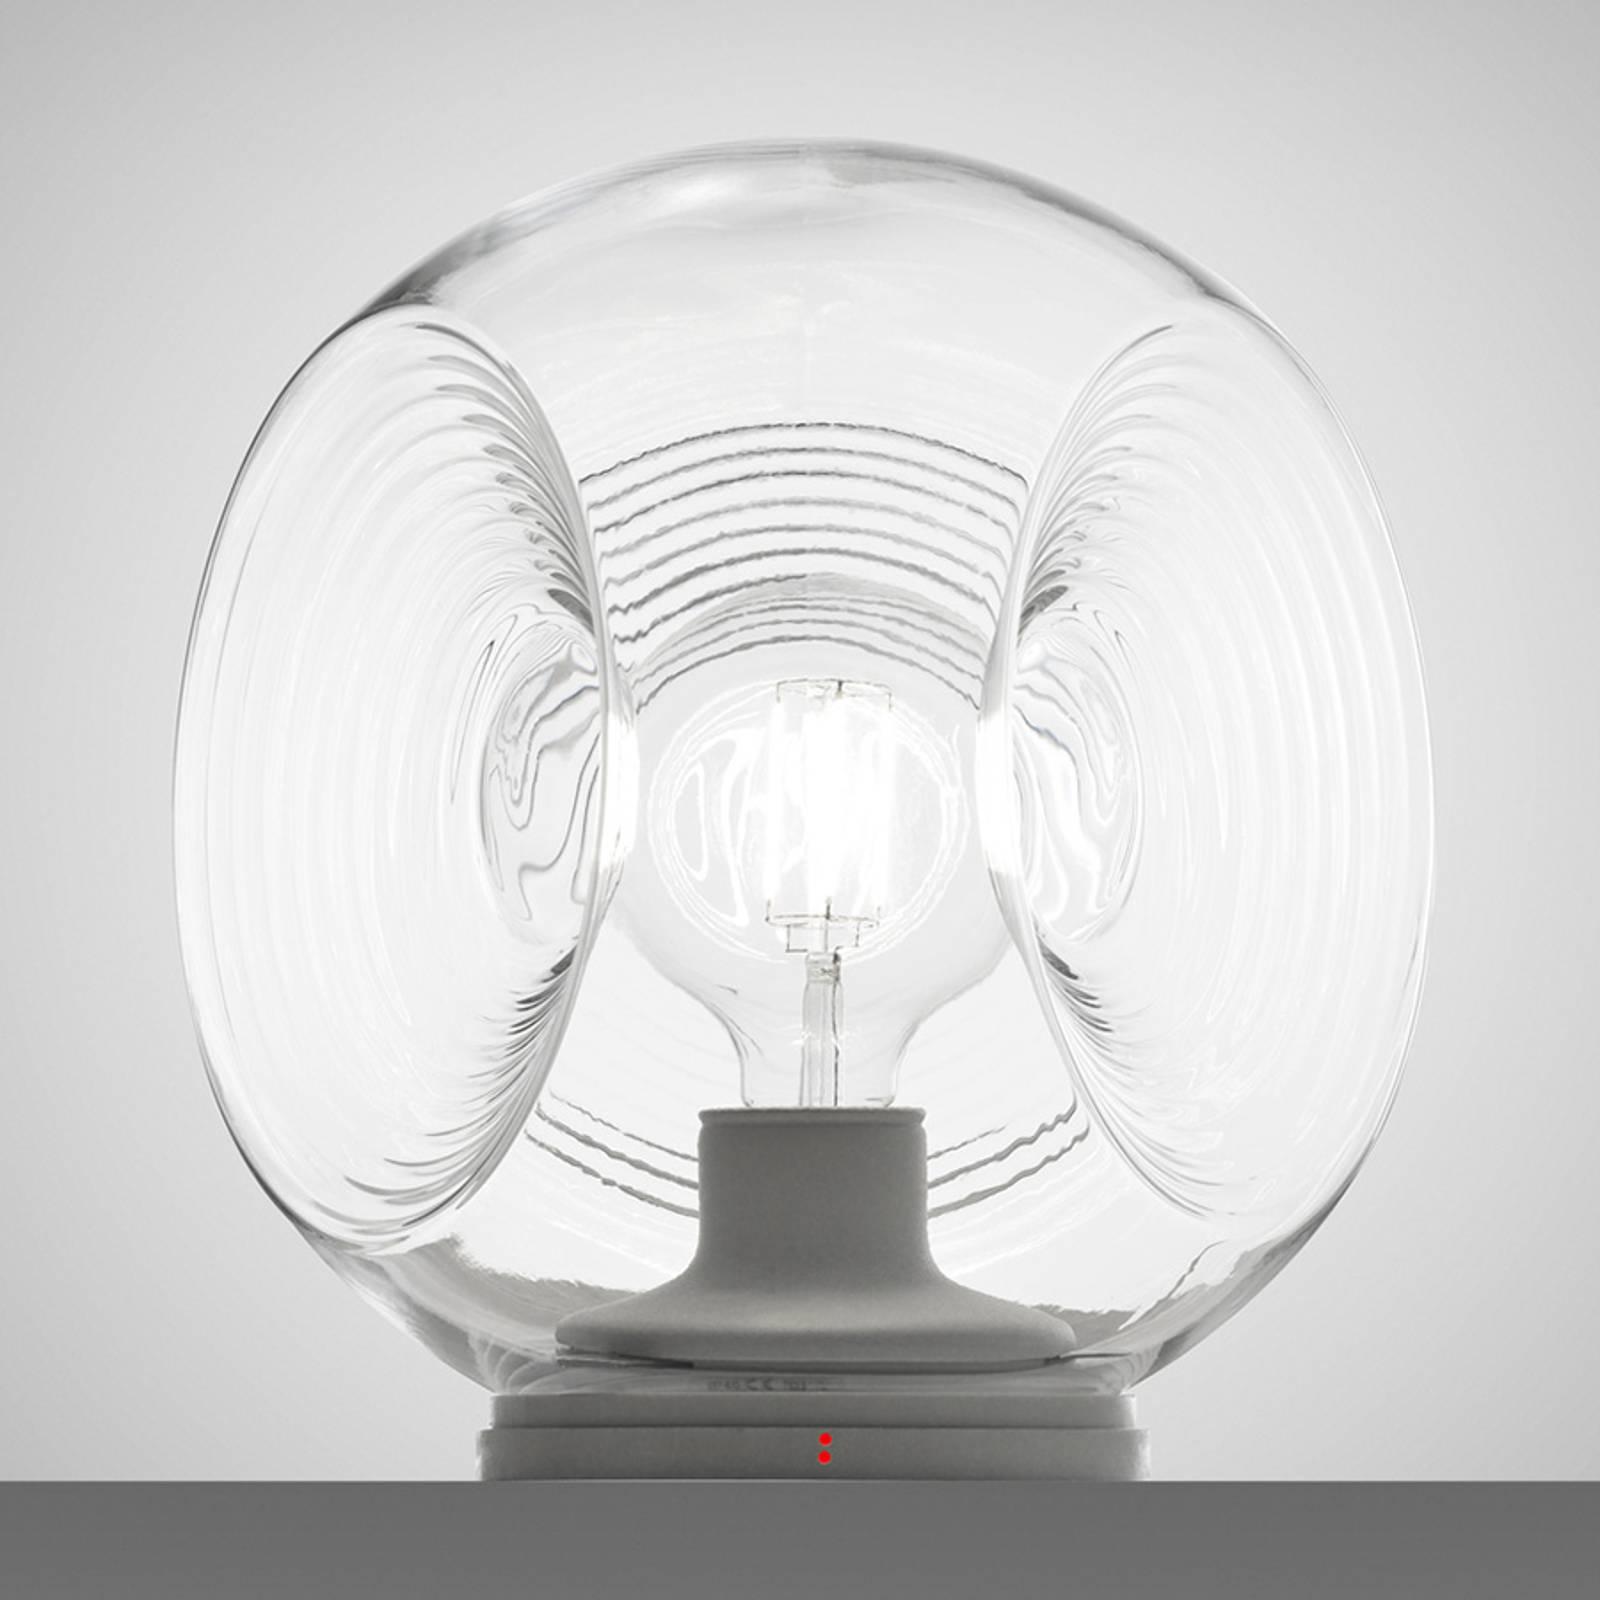 Lampe à poser en verre Eyes, diffuseur transparent